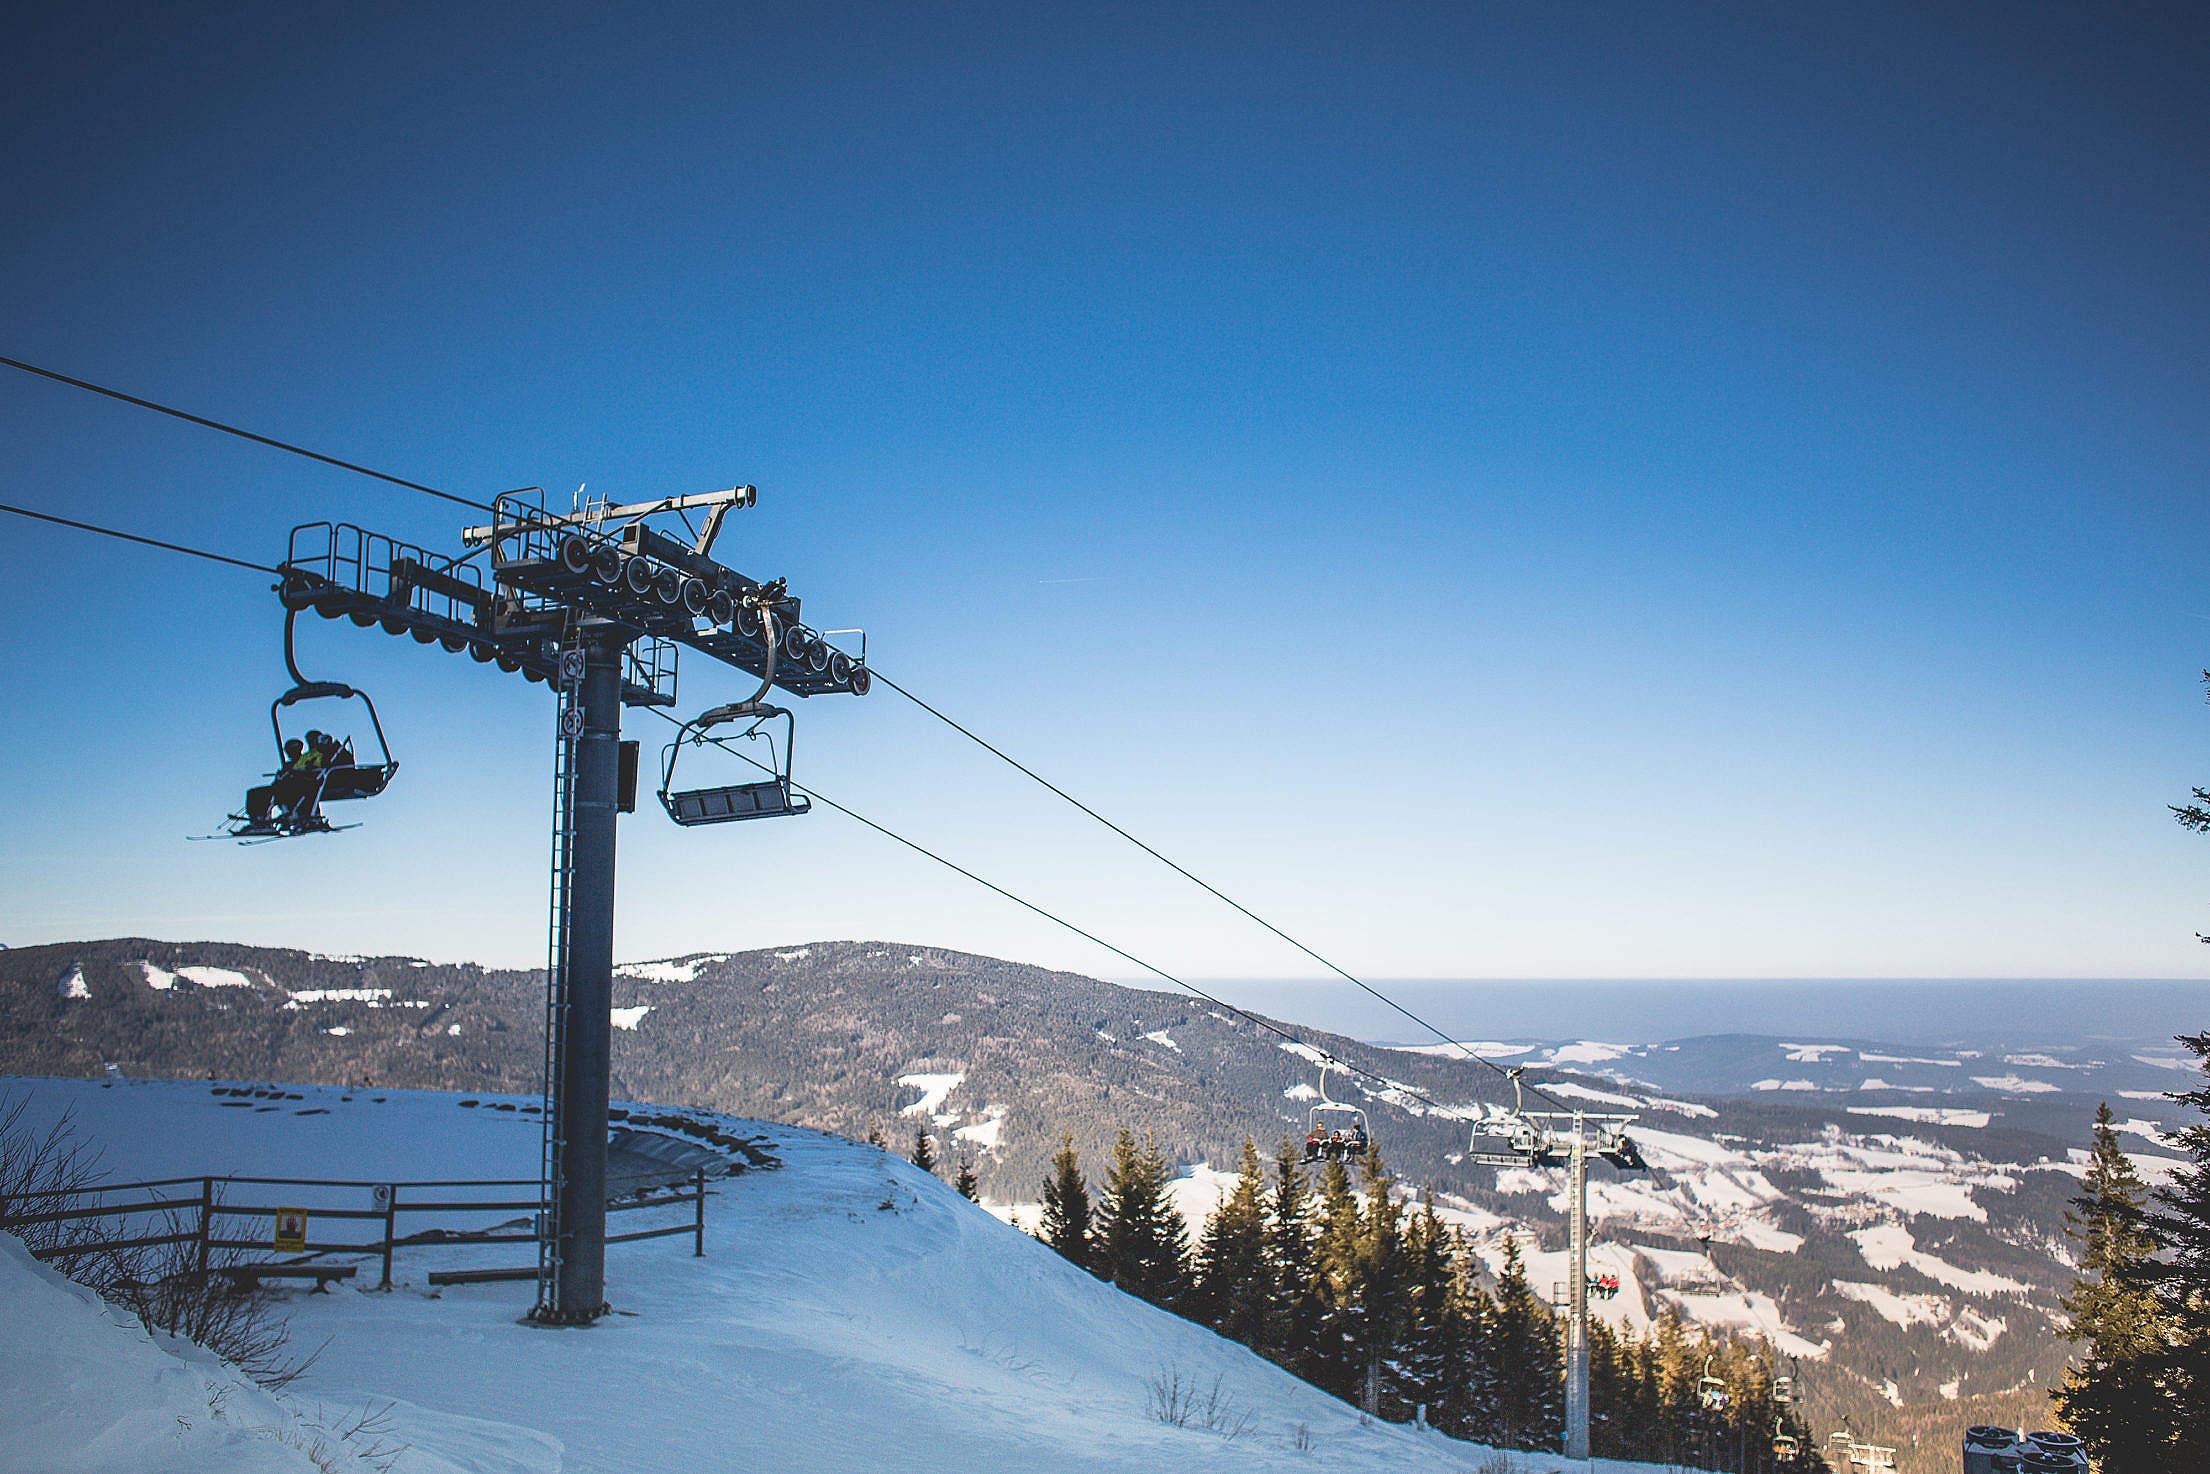 Mountain Top: Ski Lift Free Stock Photo